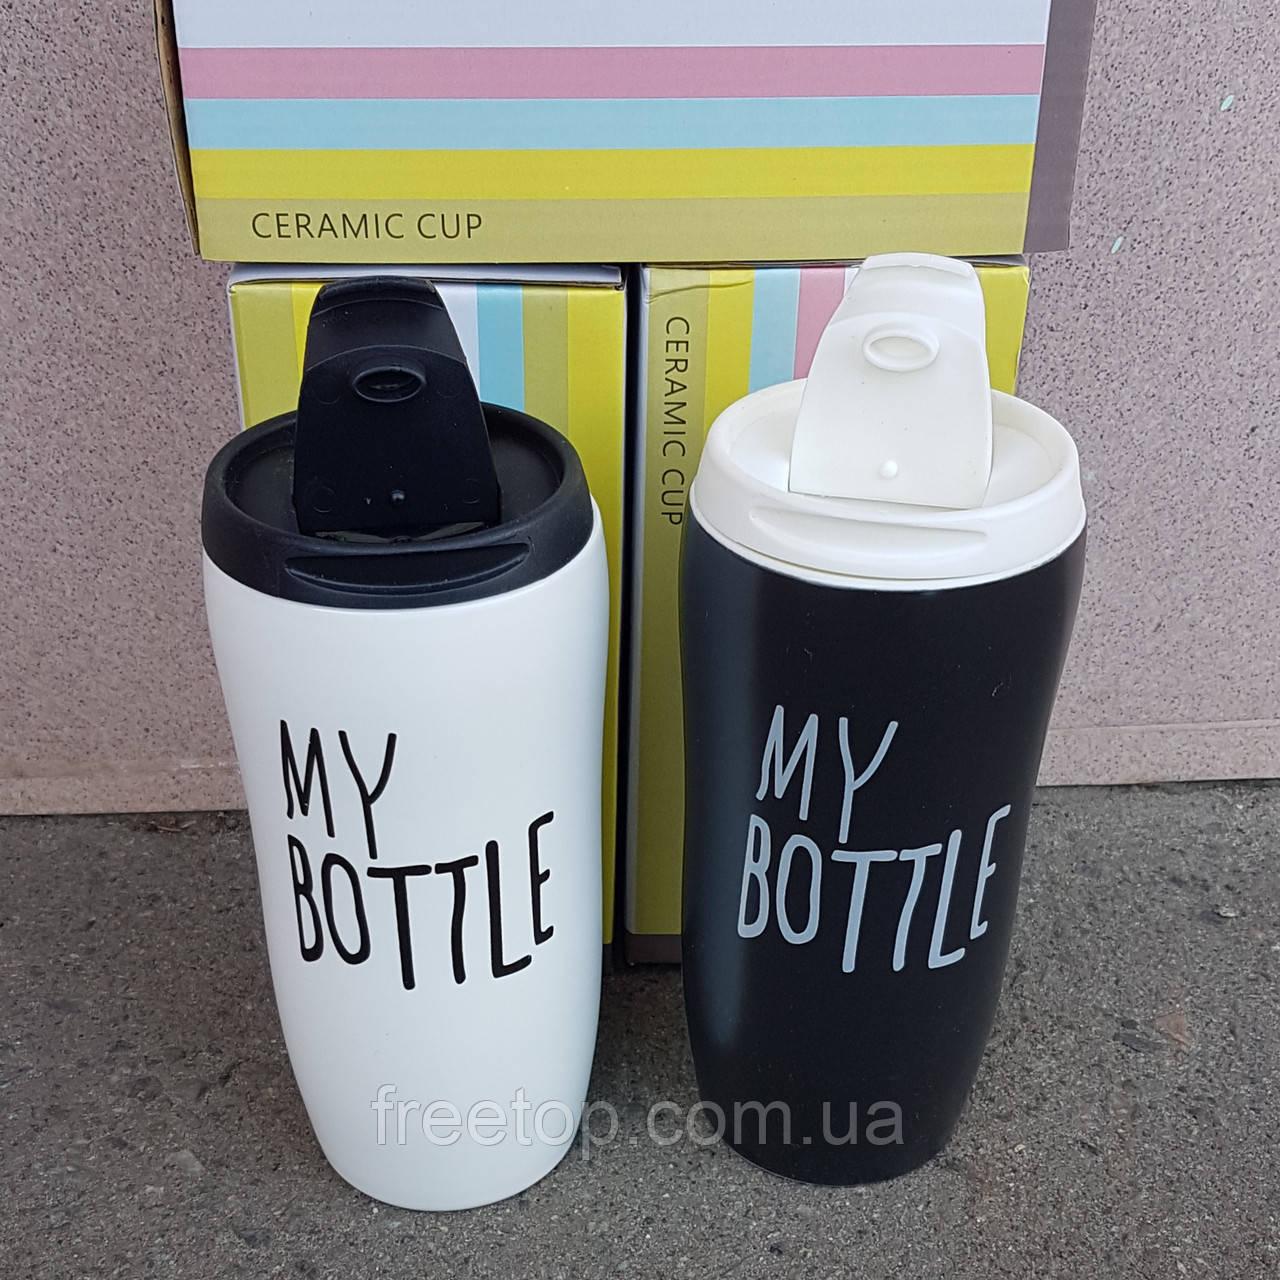 Керамическая чашка My Bottle 450 мл (Май ботл)